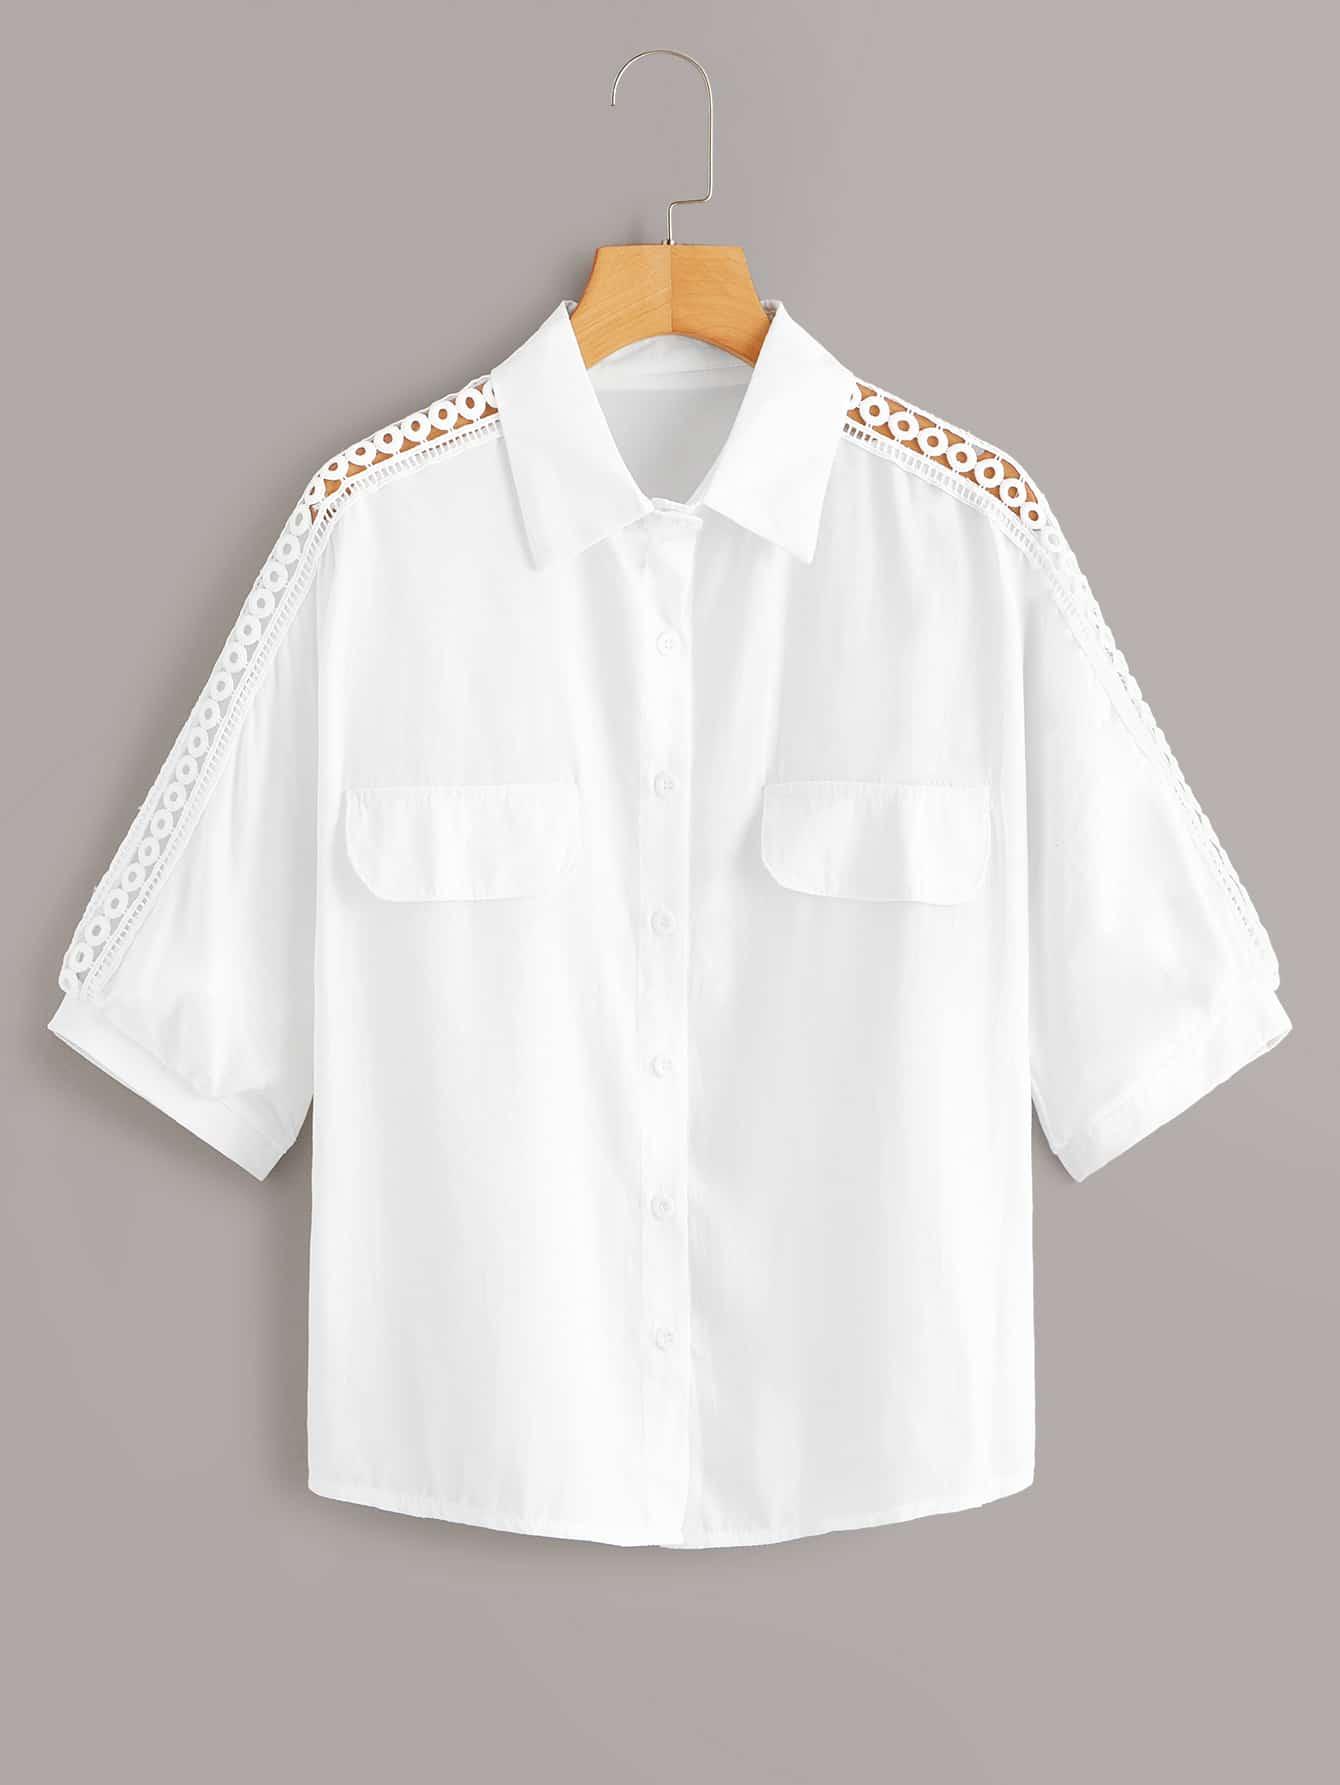 Фото - Однотонная блуза с пуговицами и кружевом от SheIn белого цвета